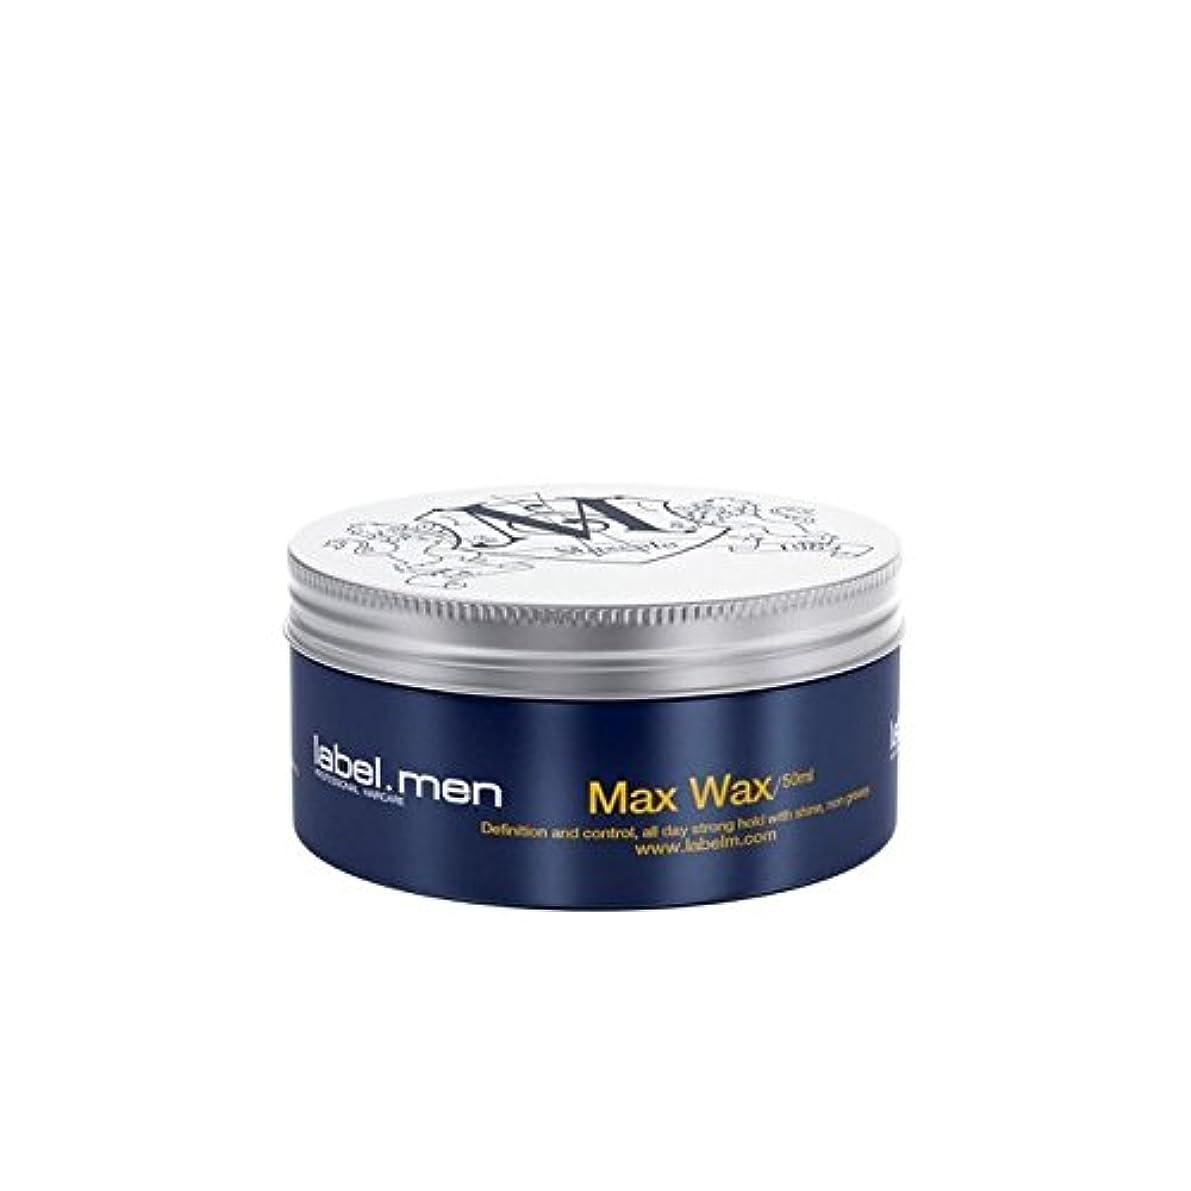 いらいらする市長子猫.マックスワックス(50ミリリットル) x2 - Label.Men Max Wax (50ml) (Pack of 2) [並行輸入品]